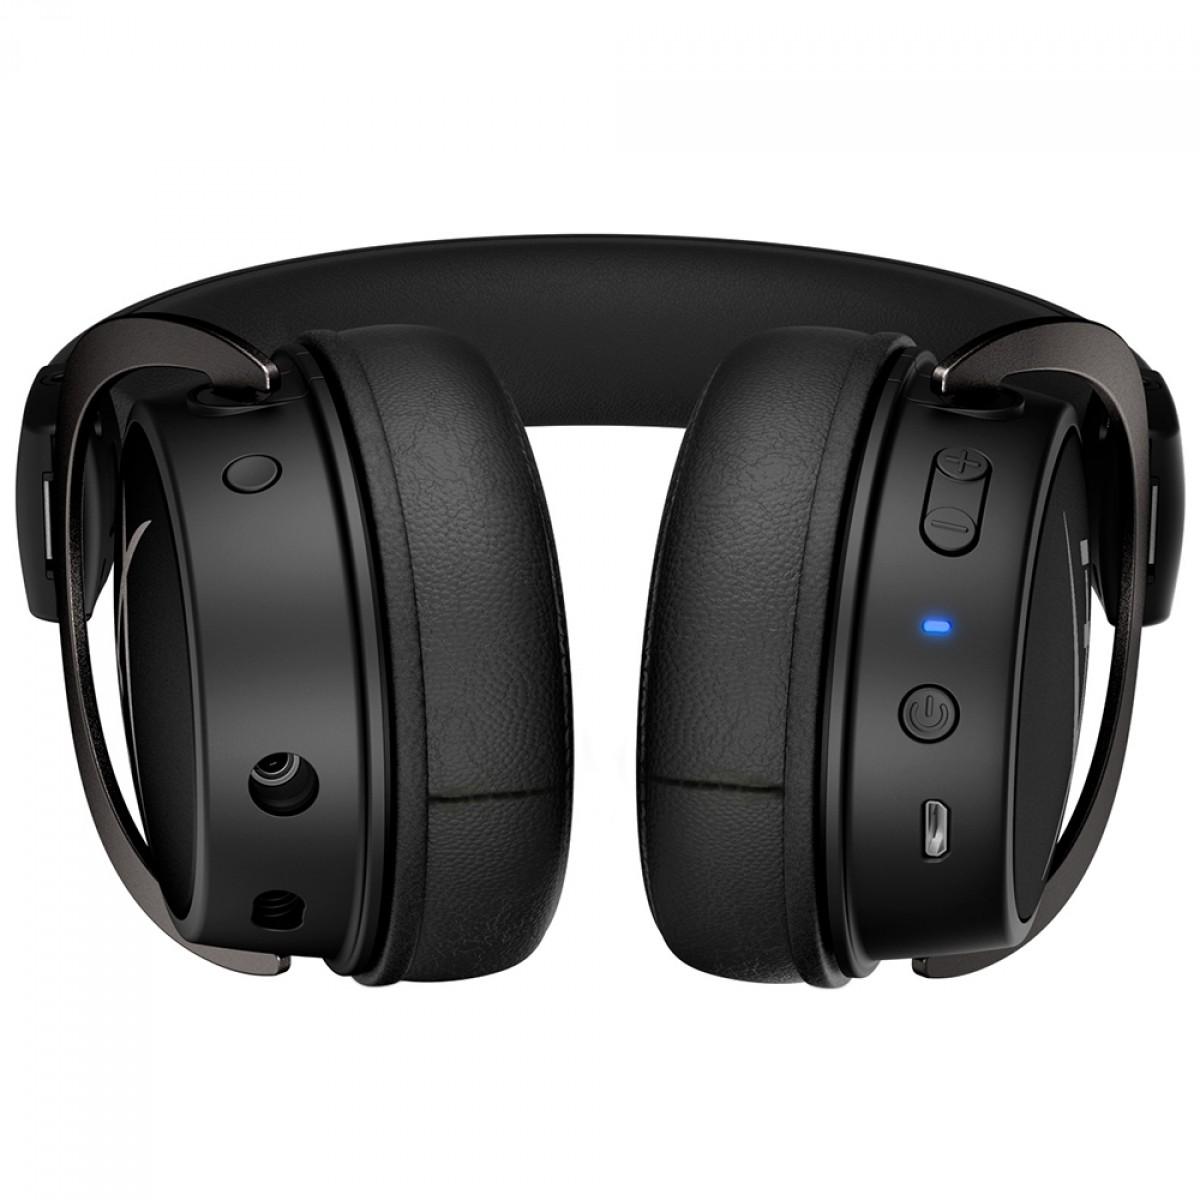 Headset Gamer HyperX Cloud Mix, Bluetooth, Drivers 40mm, Múltiplas Plataformas, P2 e P3, Black, HX-HSCAM-GM